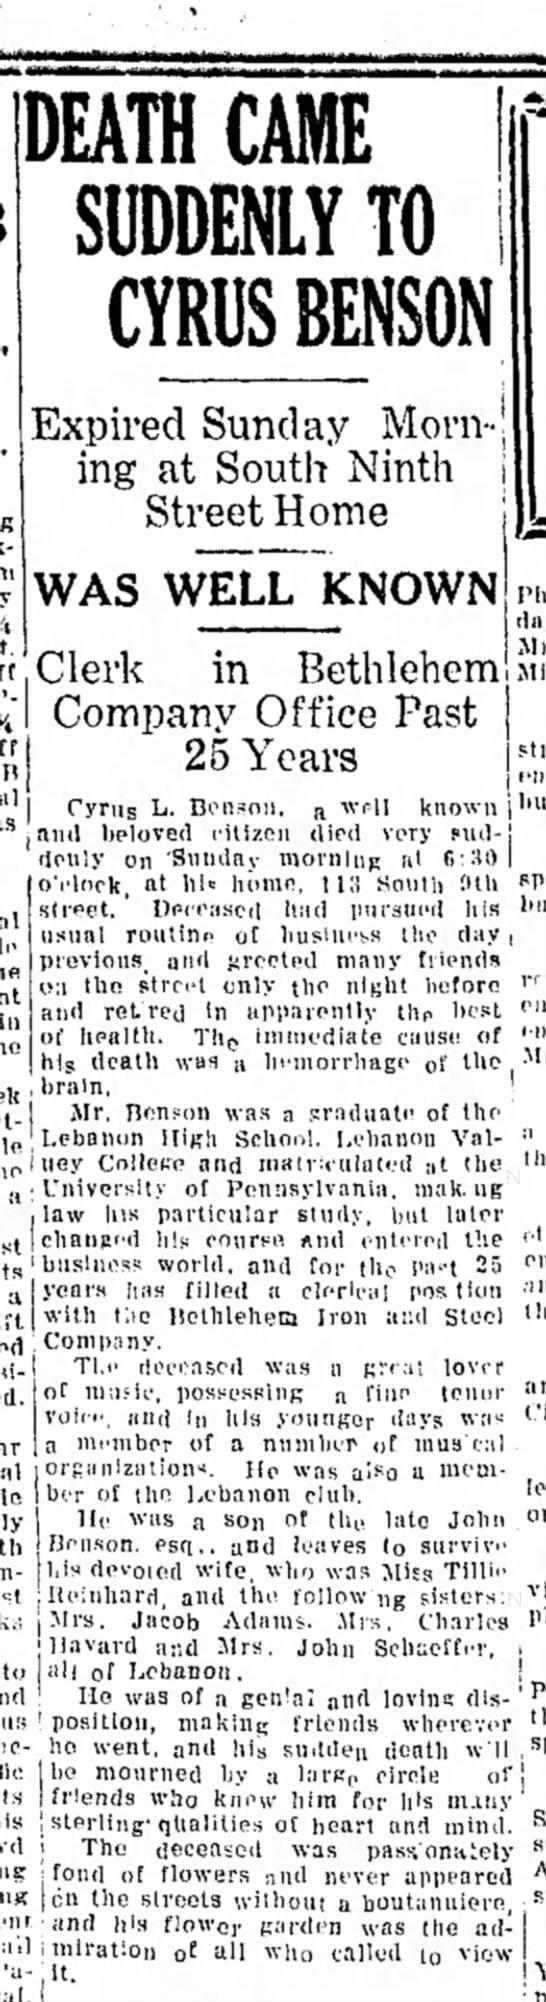 1923 April 30 Cyrus L. Benson -